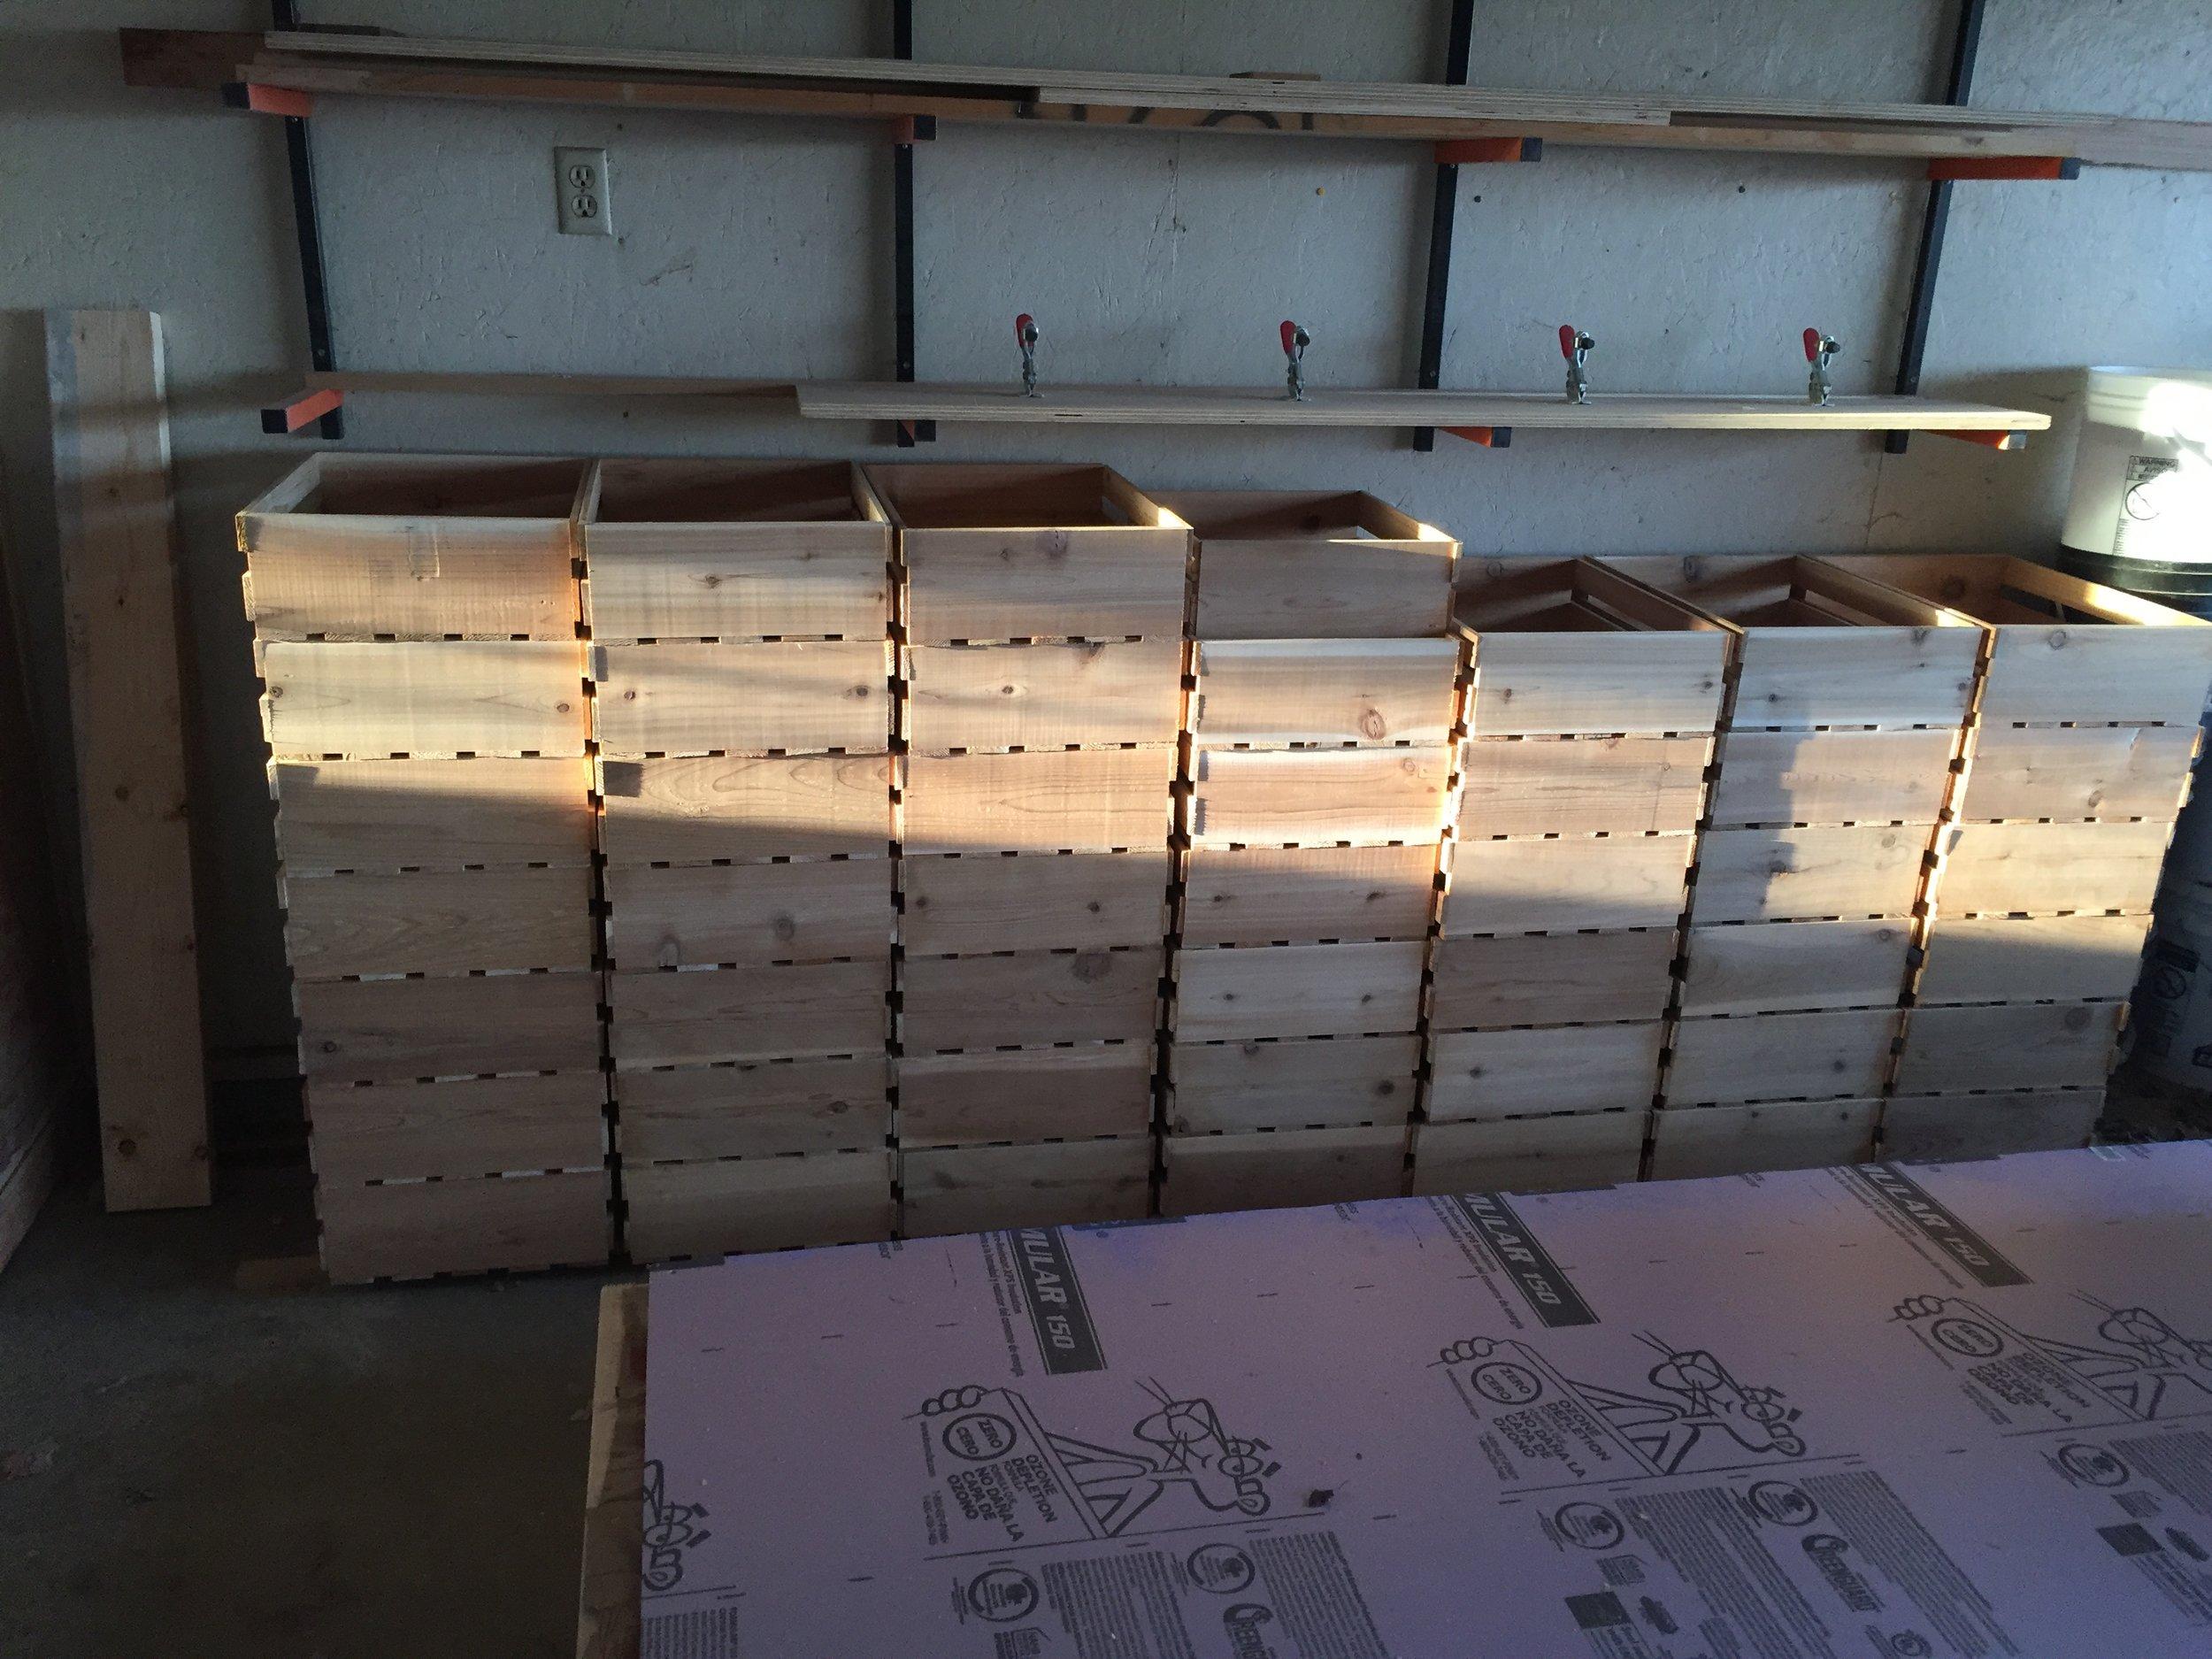 Cedar Crates ready for the 2016 Subscription Produce season